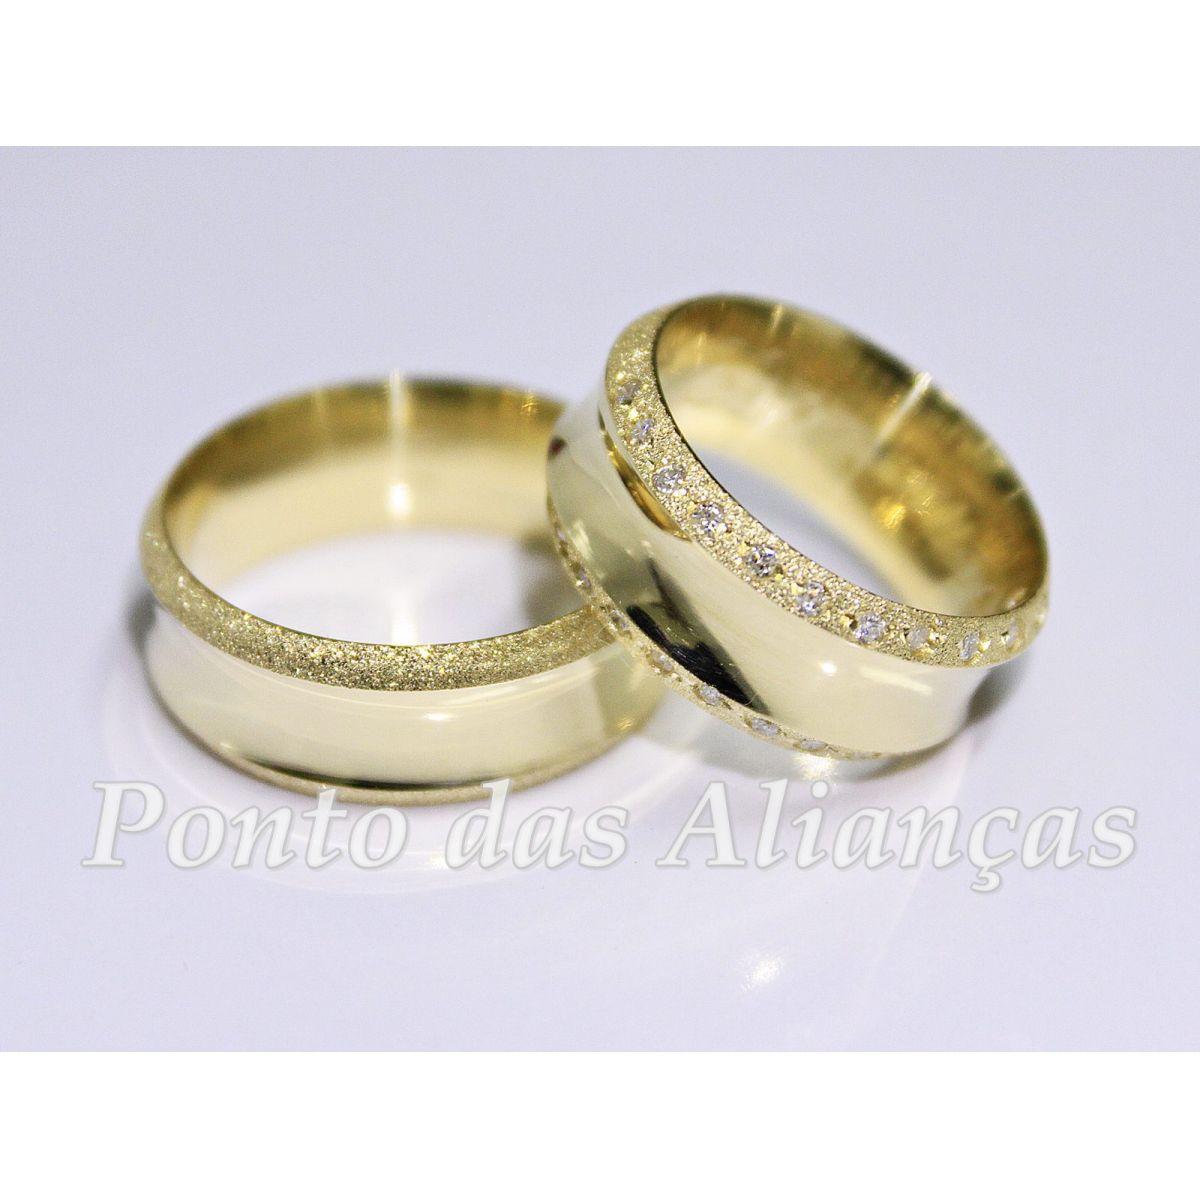 Alianças de Ouro Casamento - Noivado - 565